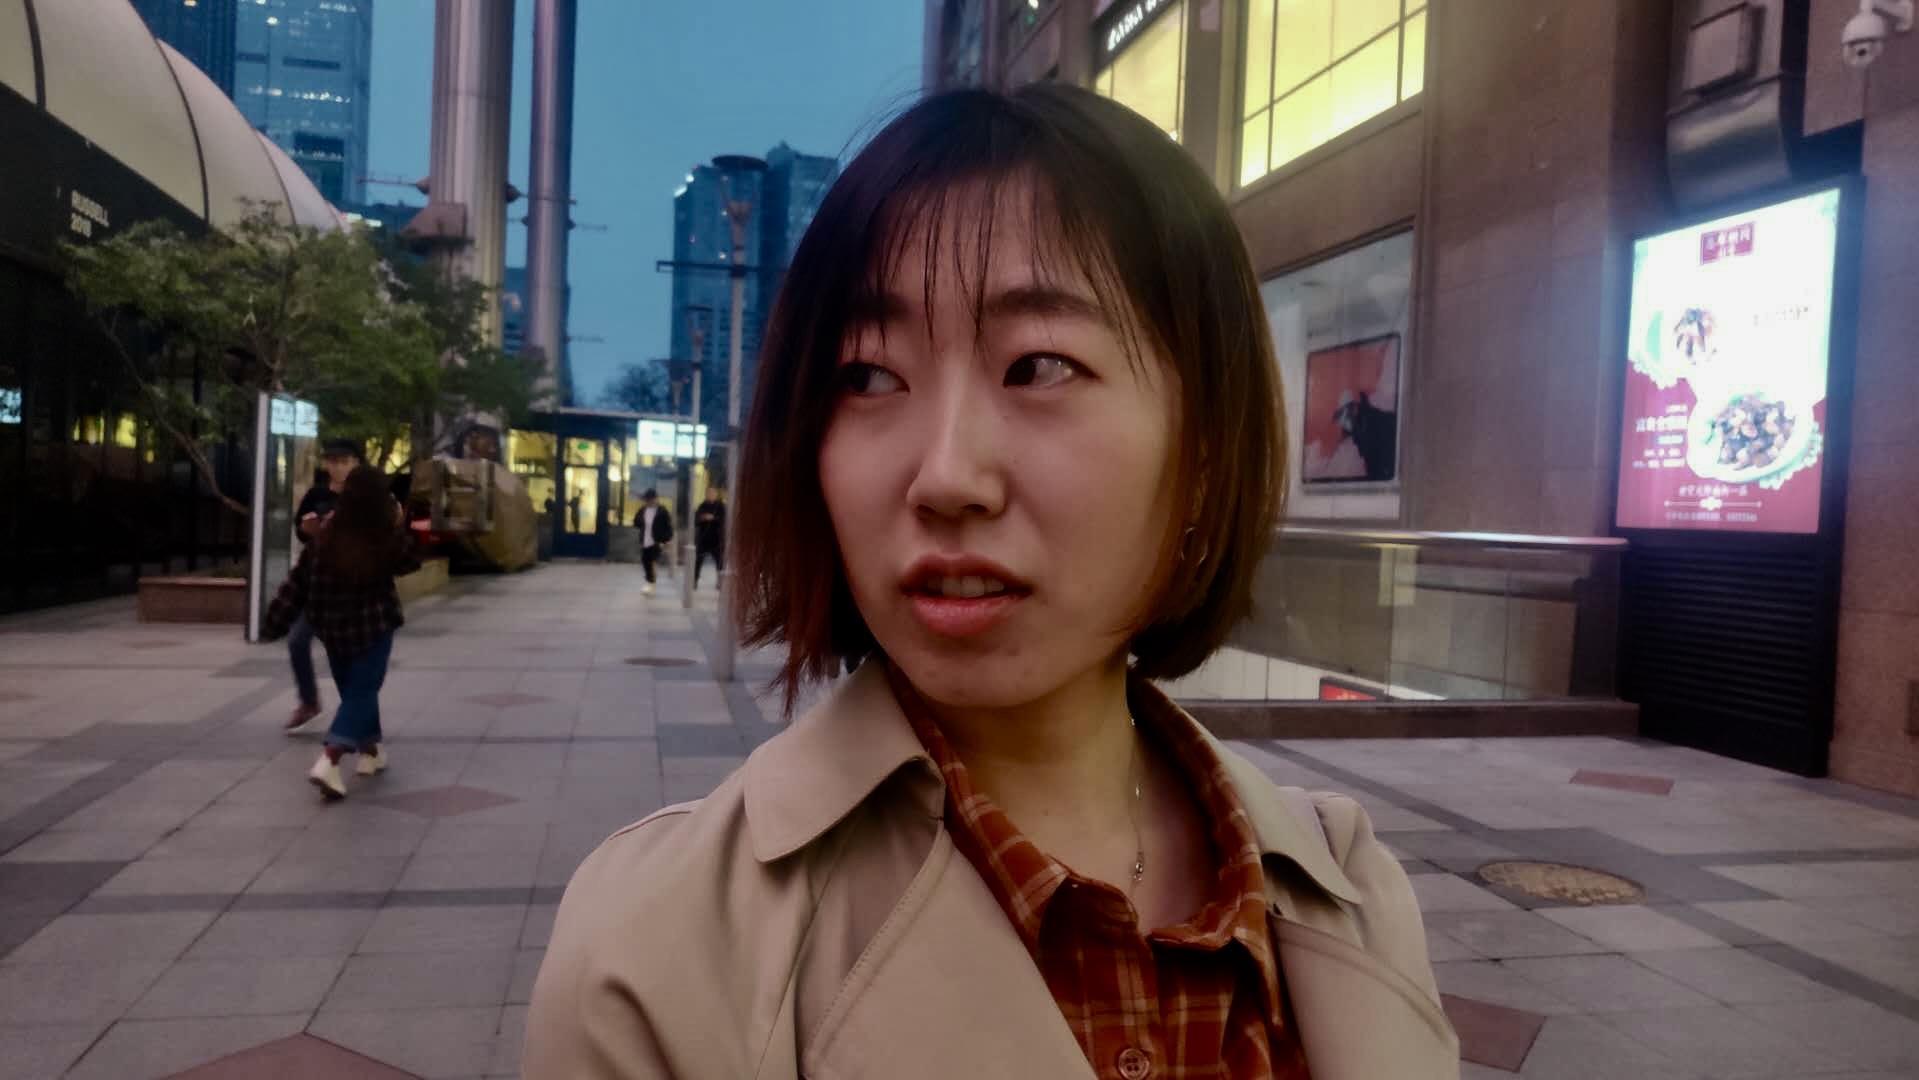 Choses à savoir lors de la rencontre d'un homme chinois